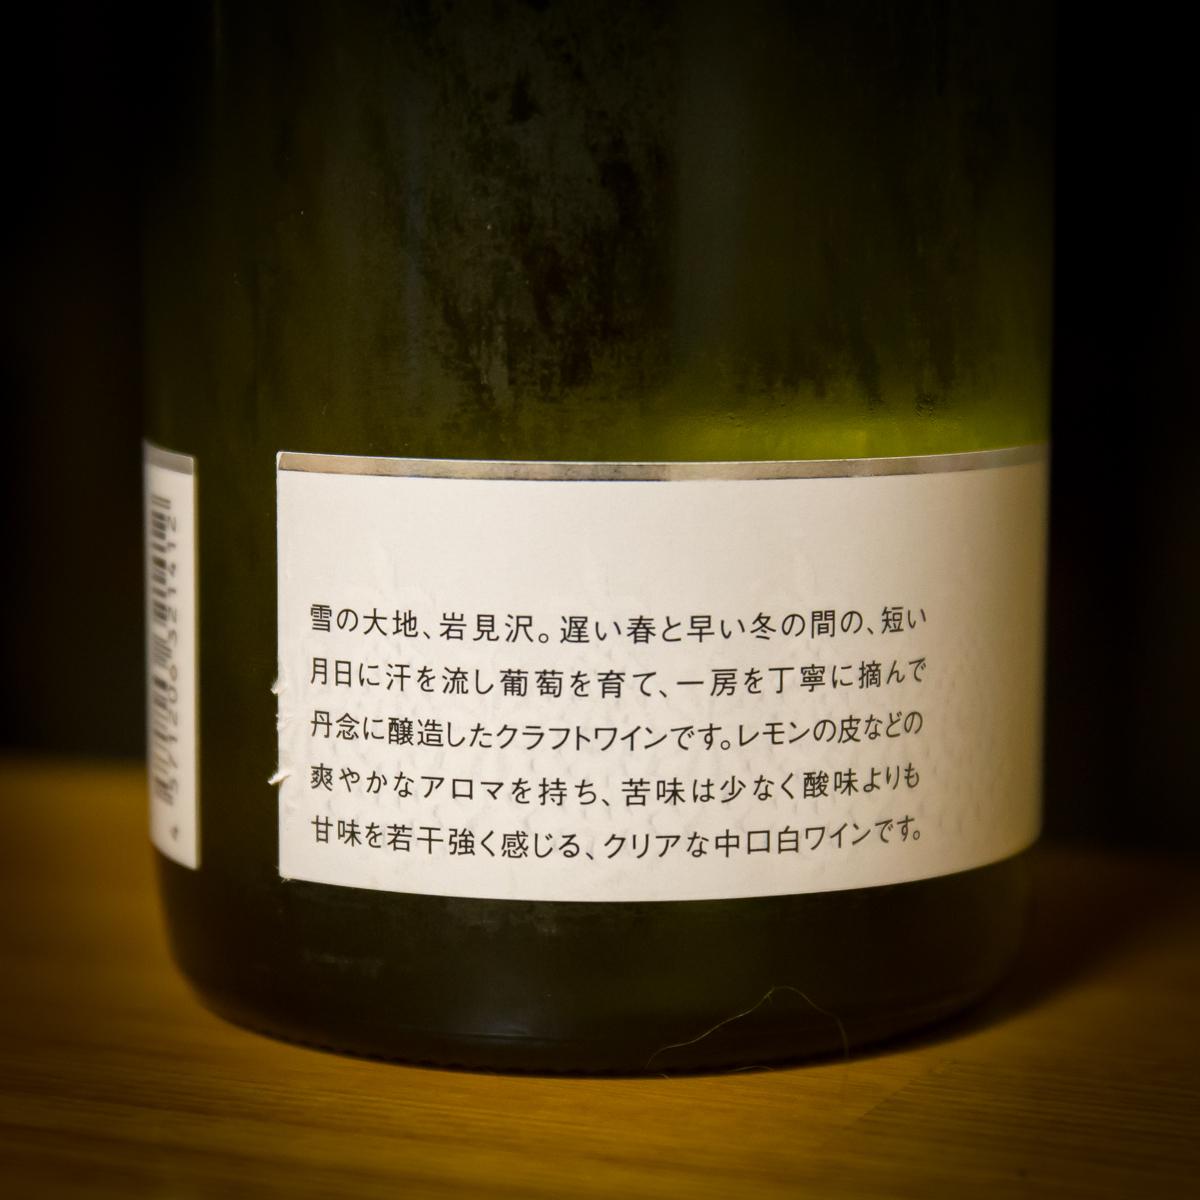 RICCA シャルドネ 2013(3)